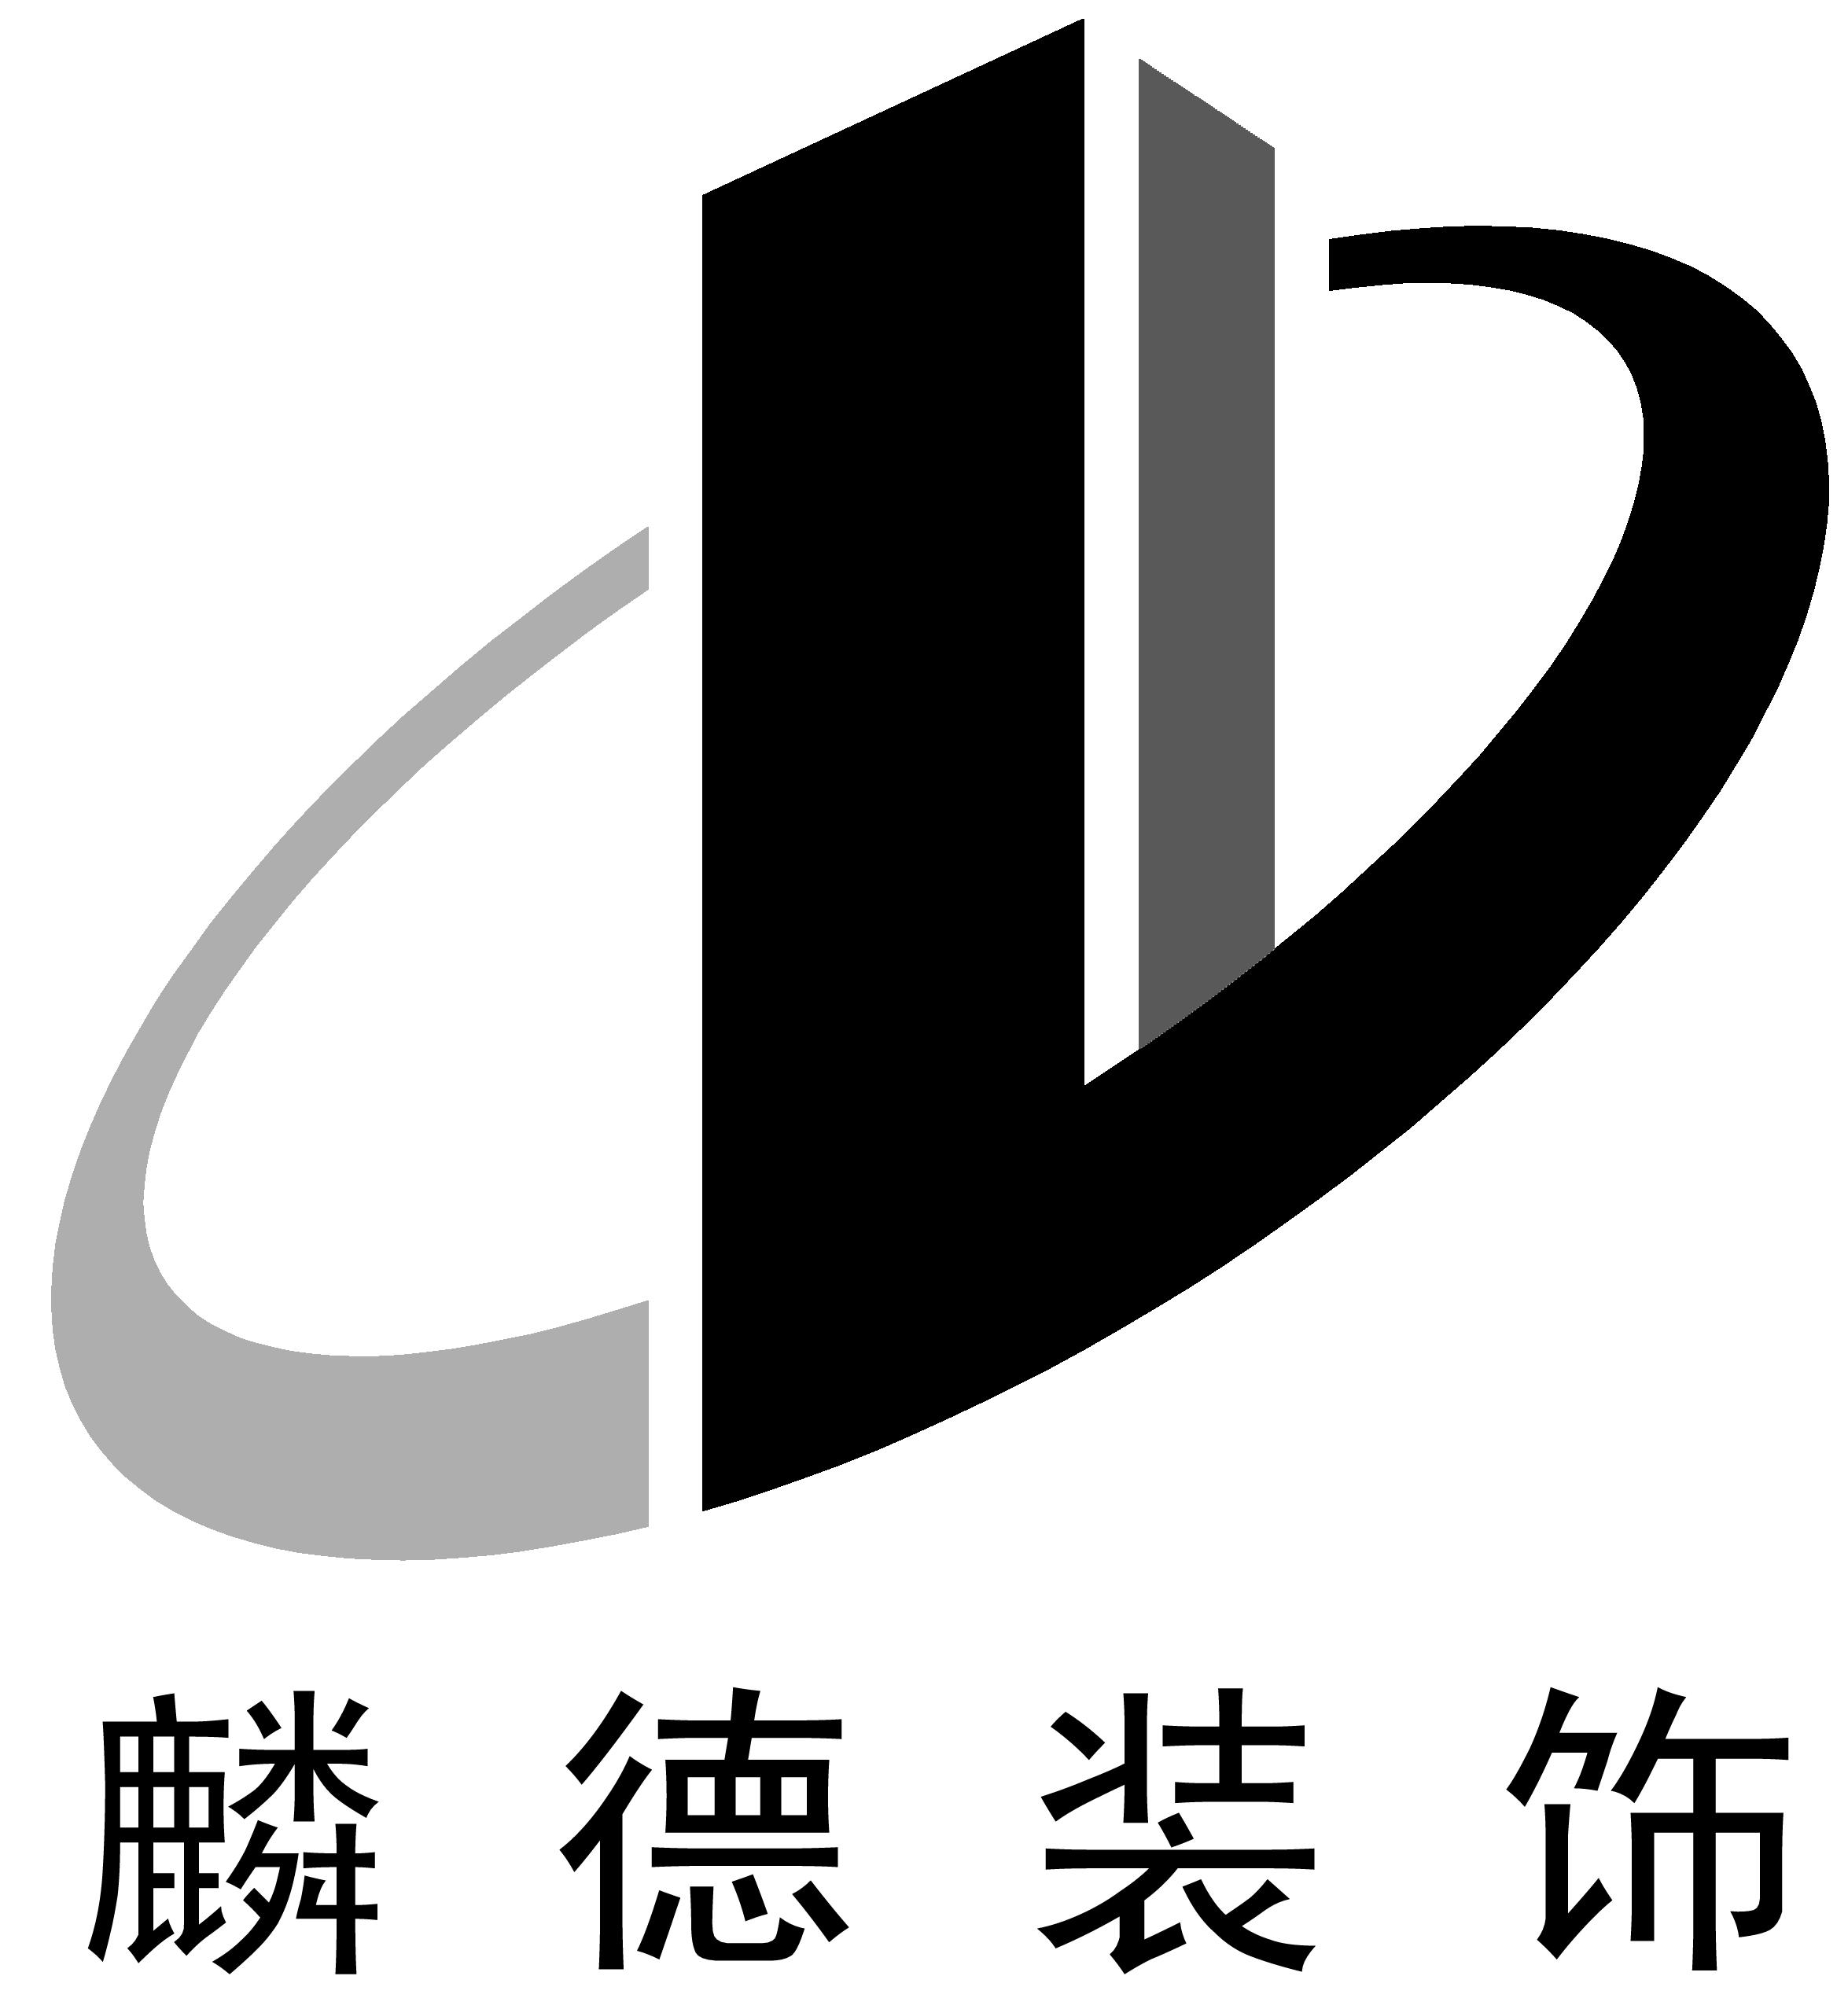 浙江麟德建筑装饰工程有限公司